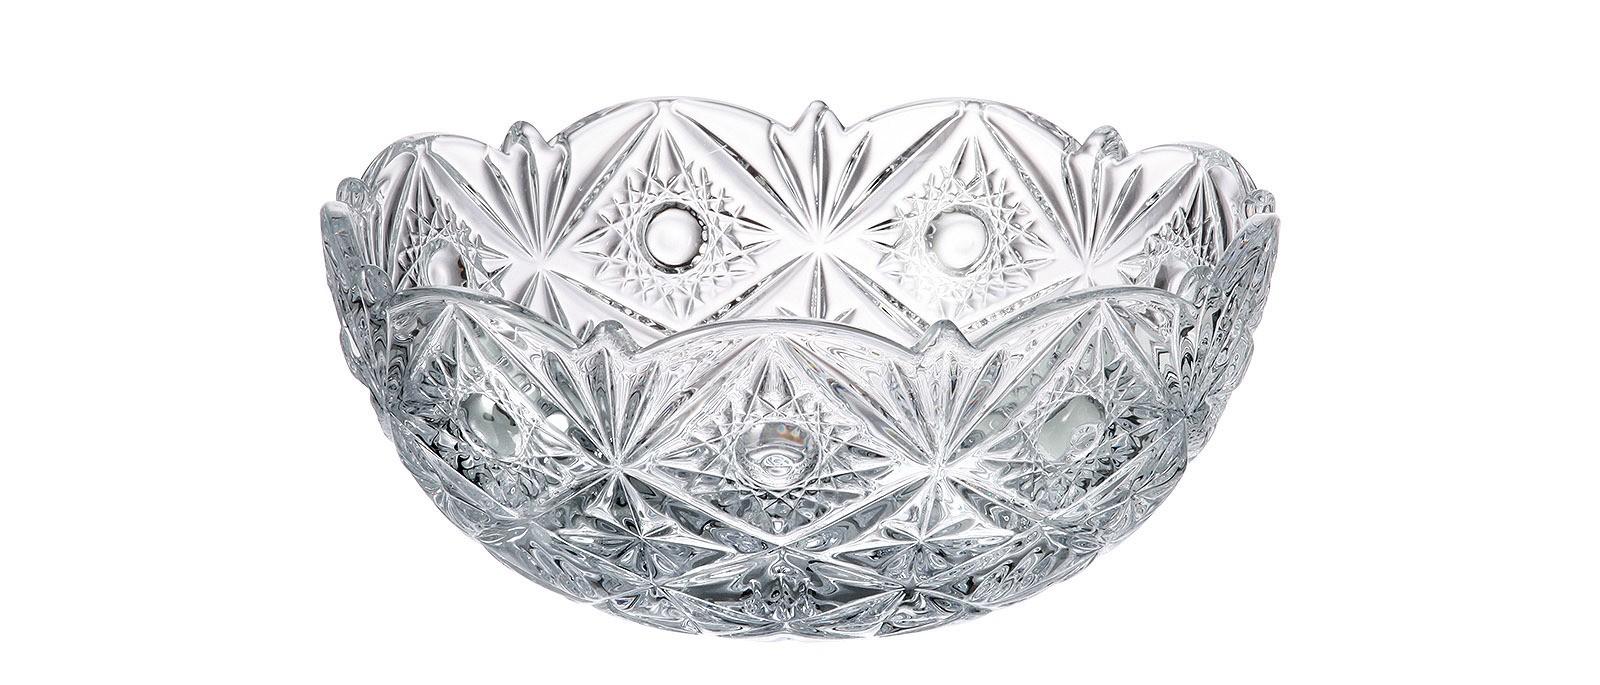 Κουπ Miranda Bohemia Κρυστάλλινο 22cm home   κρυσταλλα  διακοσμηση   κρύσταλλα   κουπ